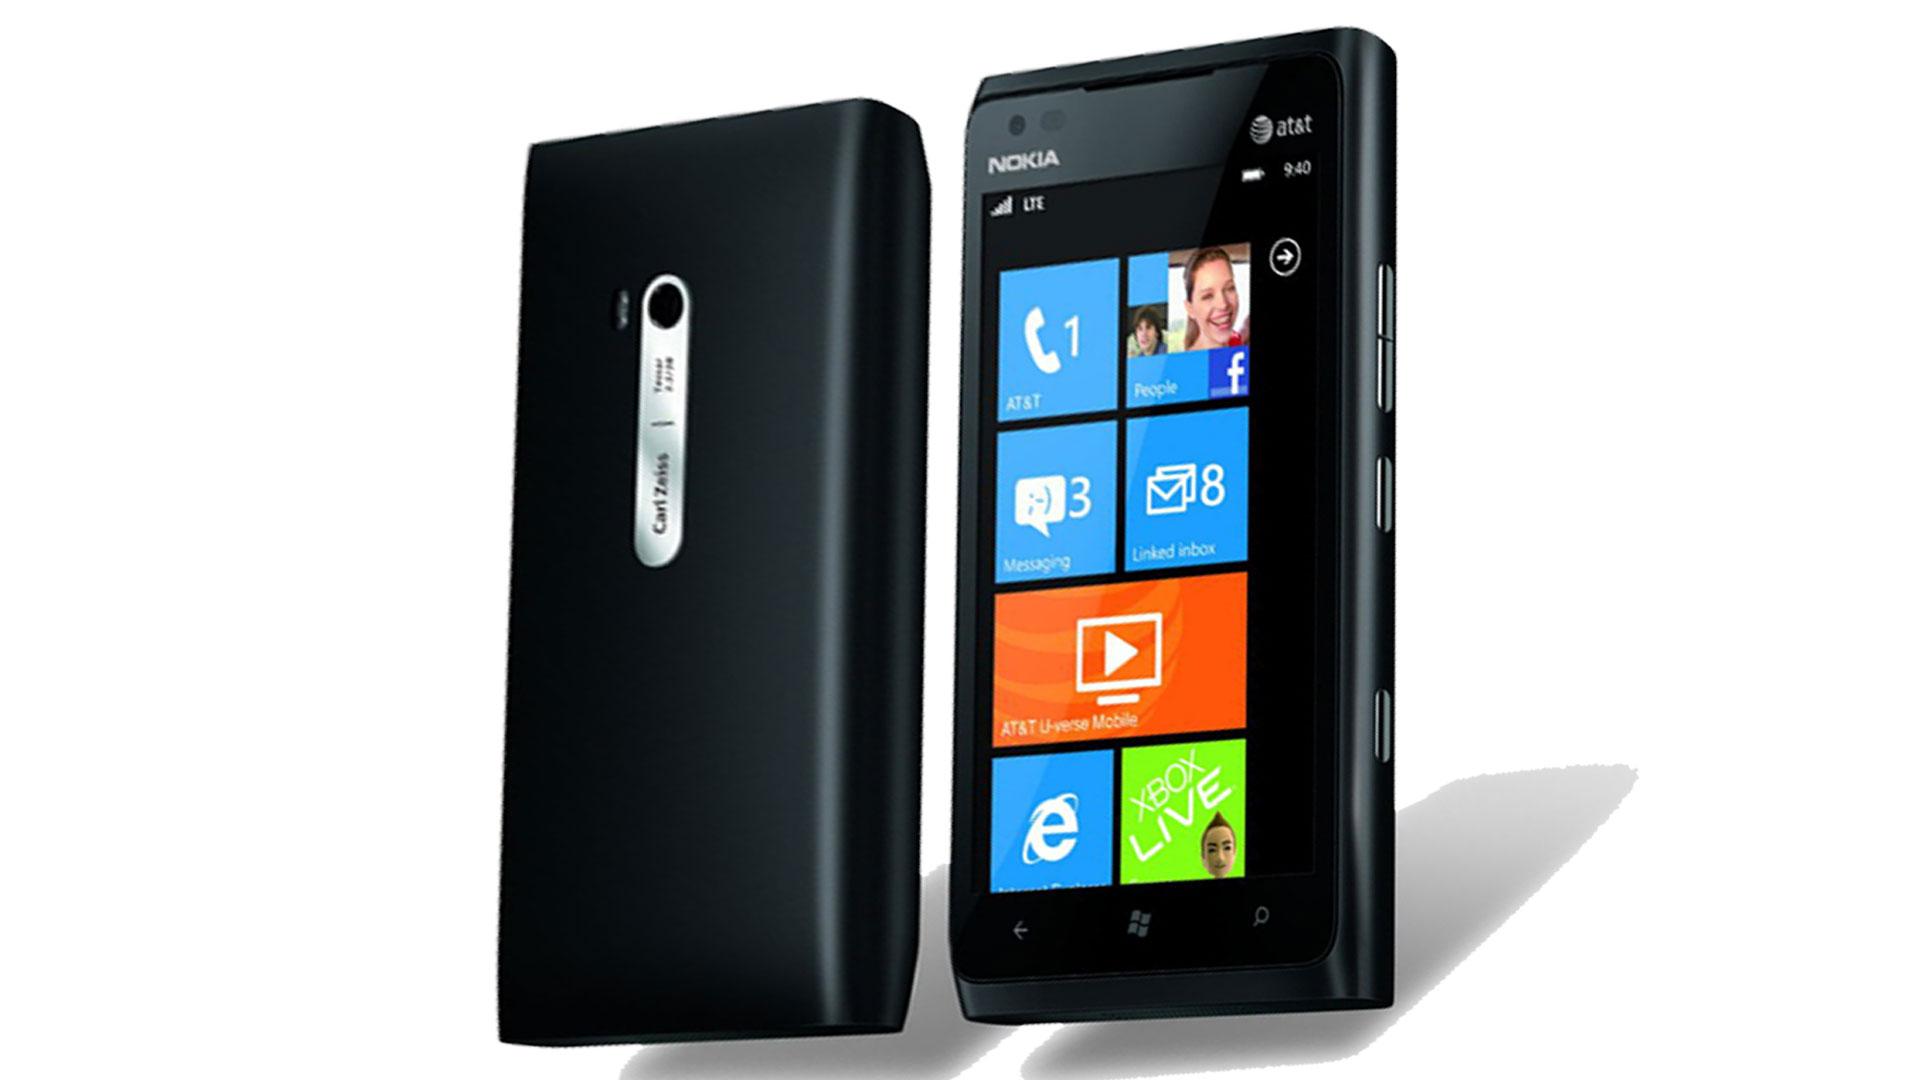 скачать драйвер для rm-823/noria lumia 900